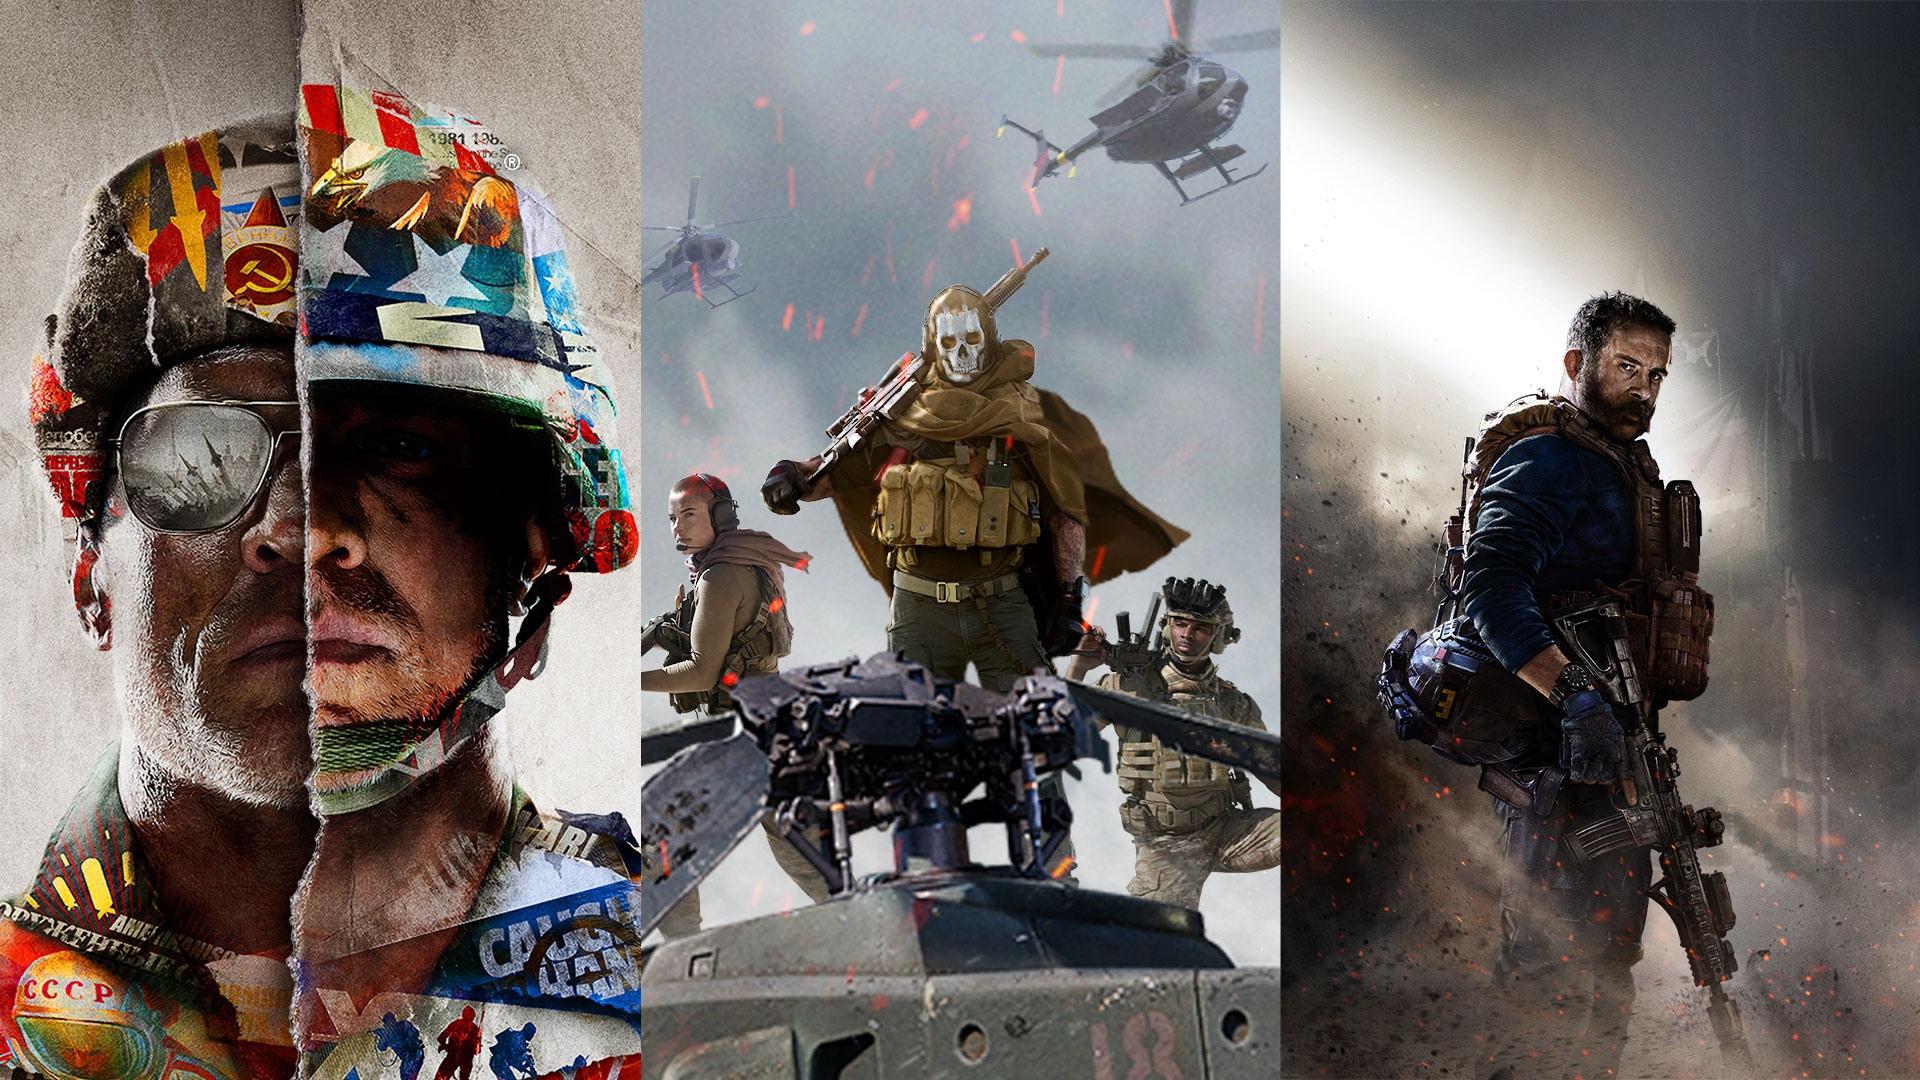 Activision рассказала, что в этом году новая Call of Duty может быть анонсирована еще позже, при этом сам релиз состоится по обычным срокам